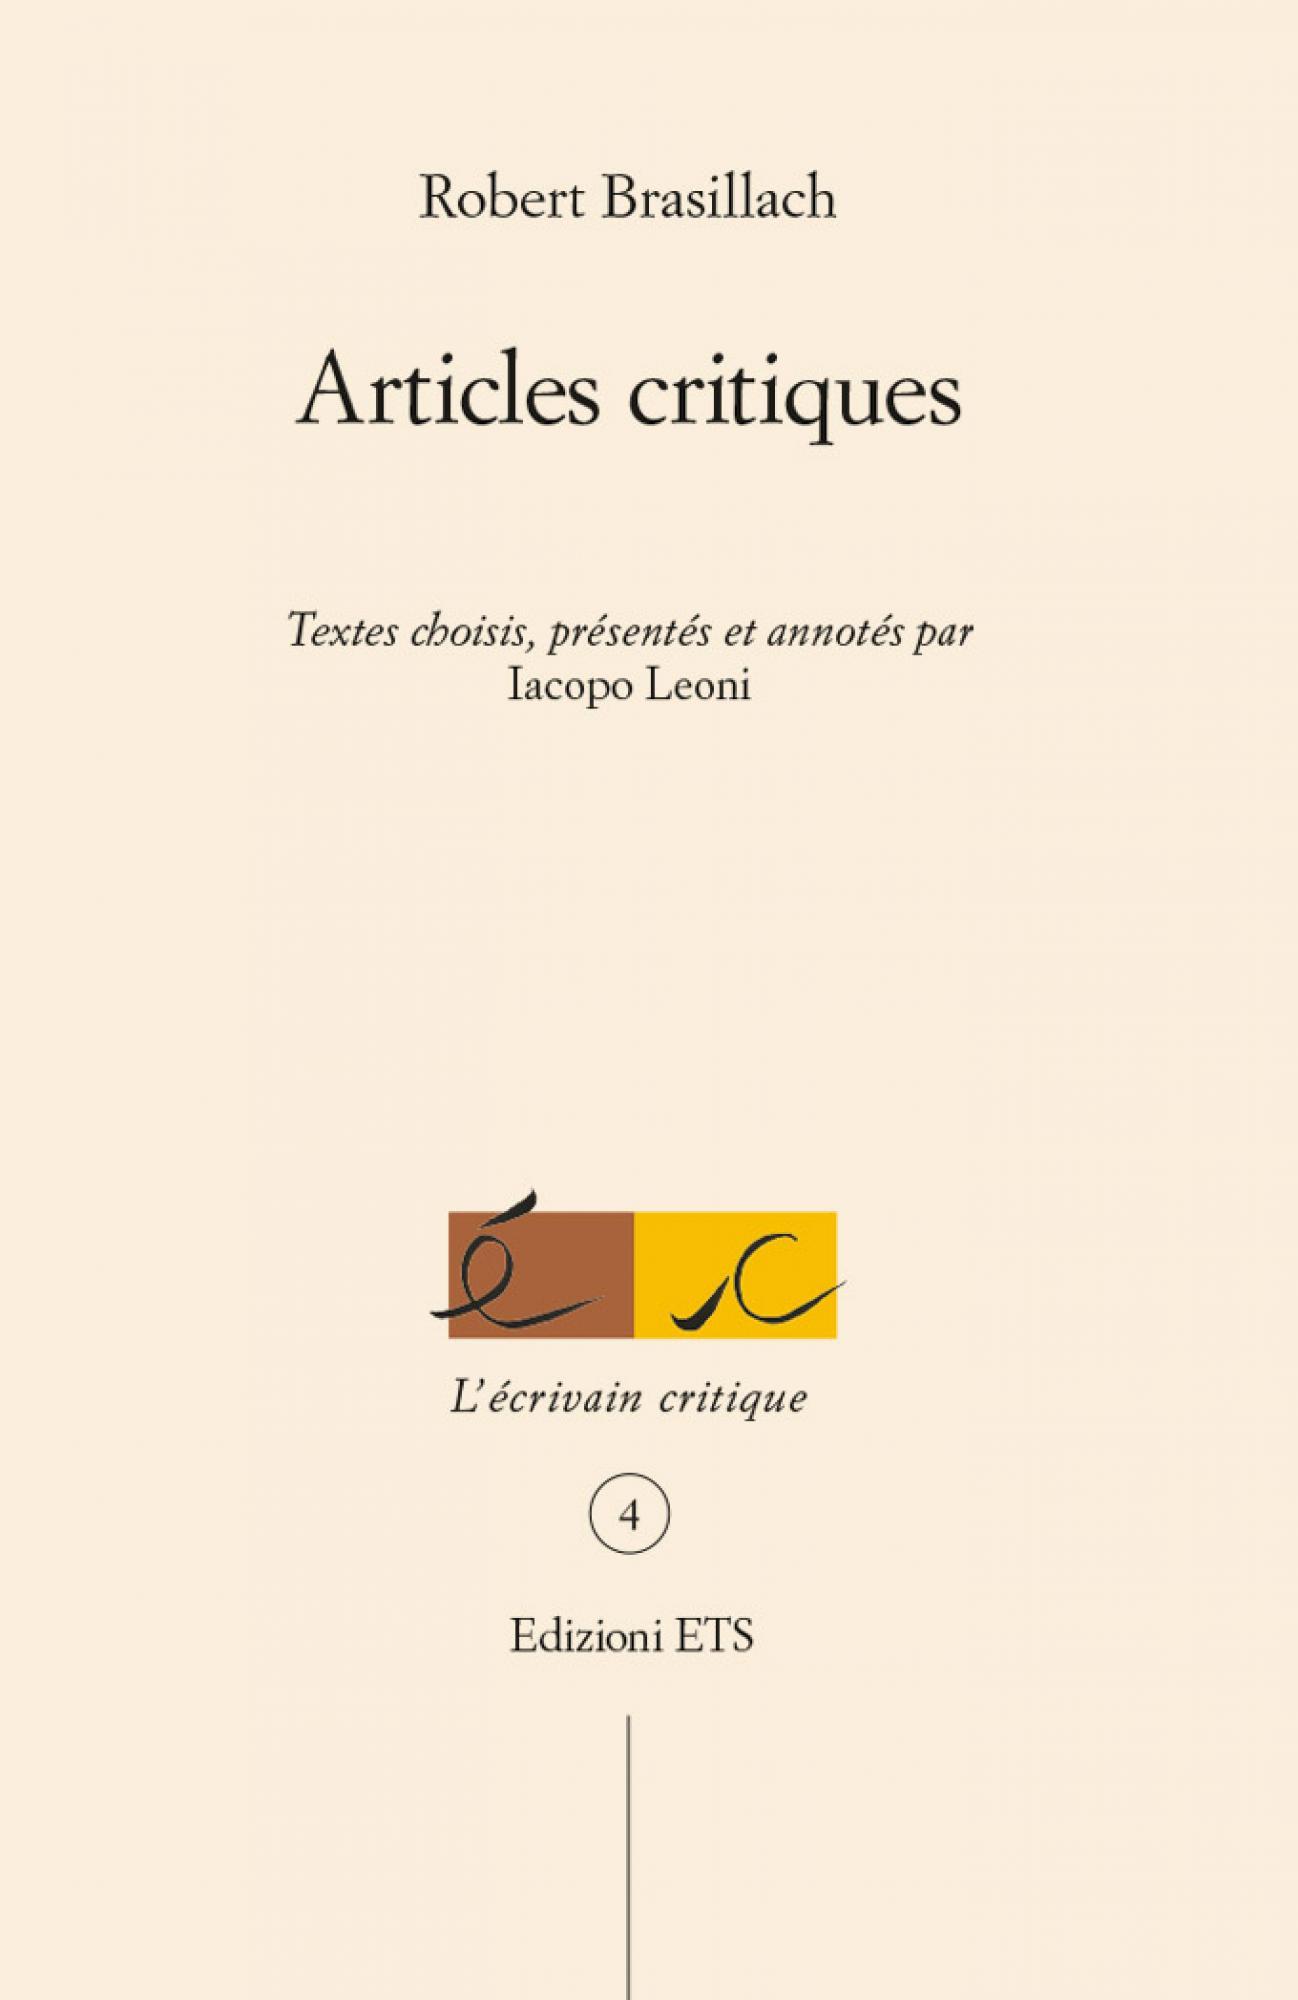 Articles critiques.Textes choisis